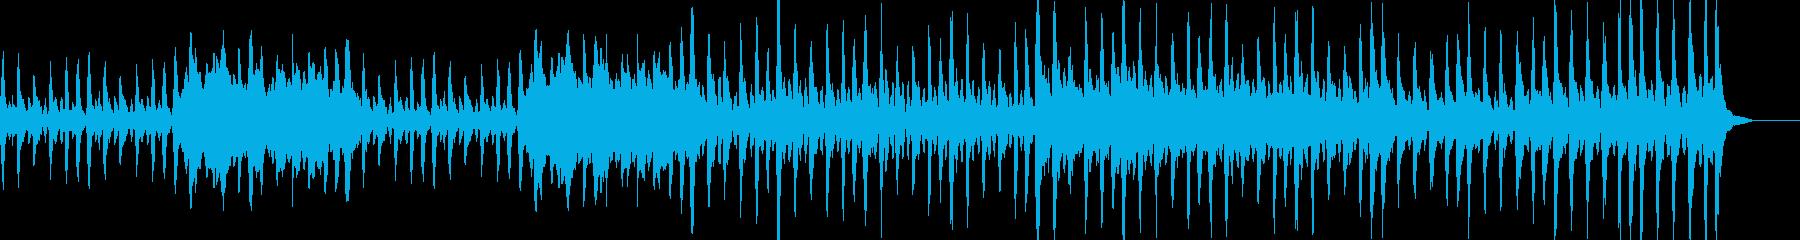 爽やか・壮大な感じ ストリングス・ピアノの再生済みの波形